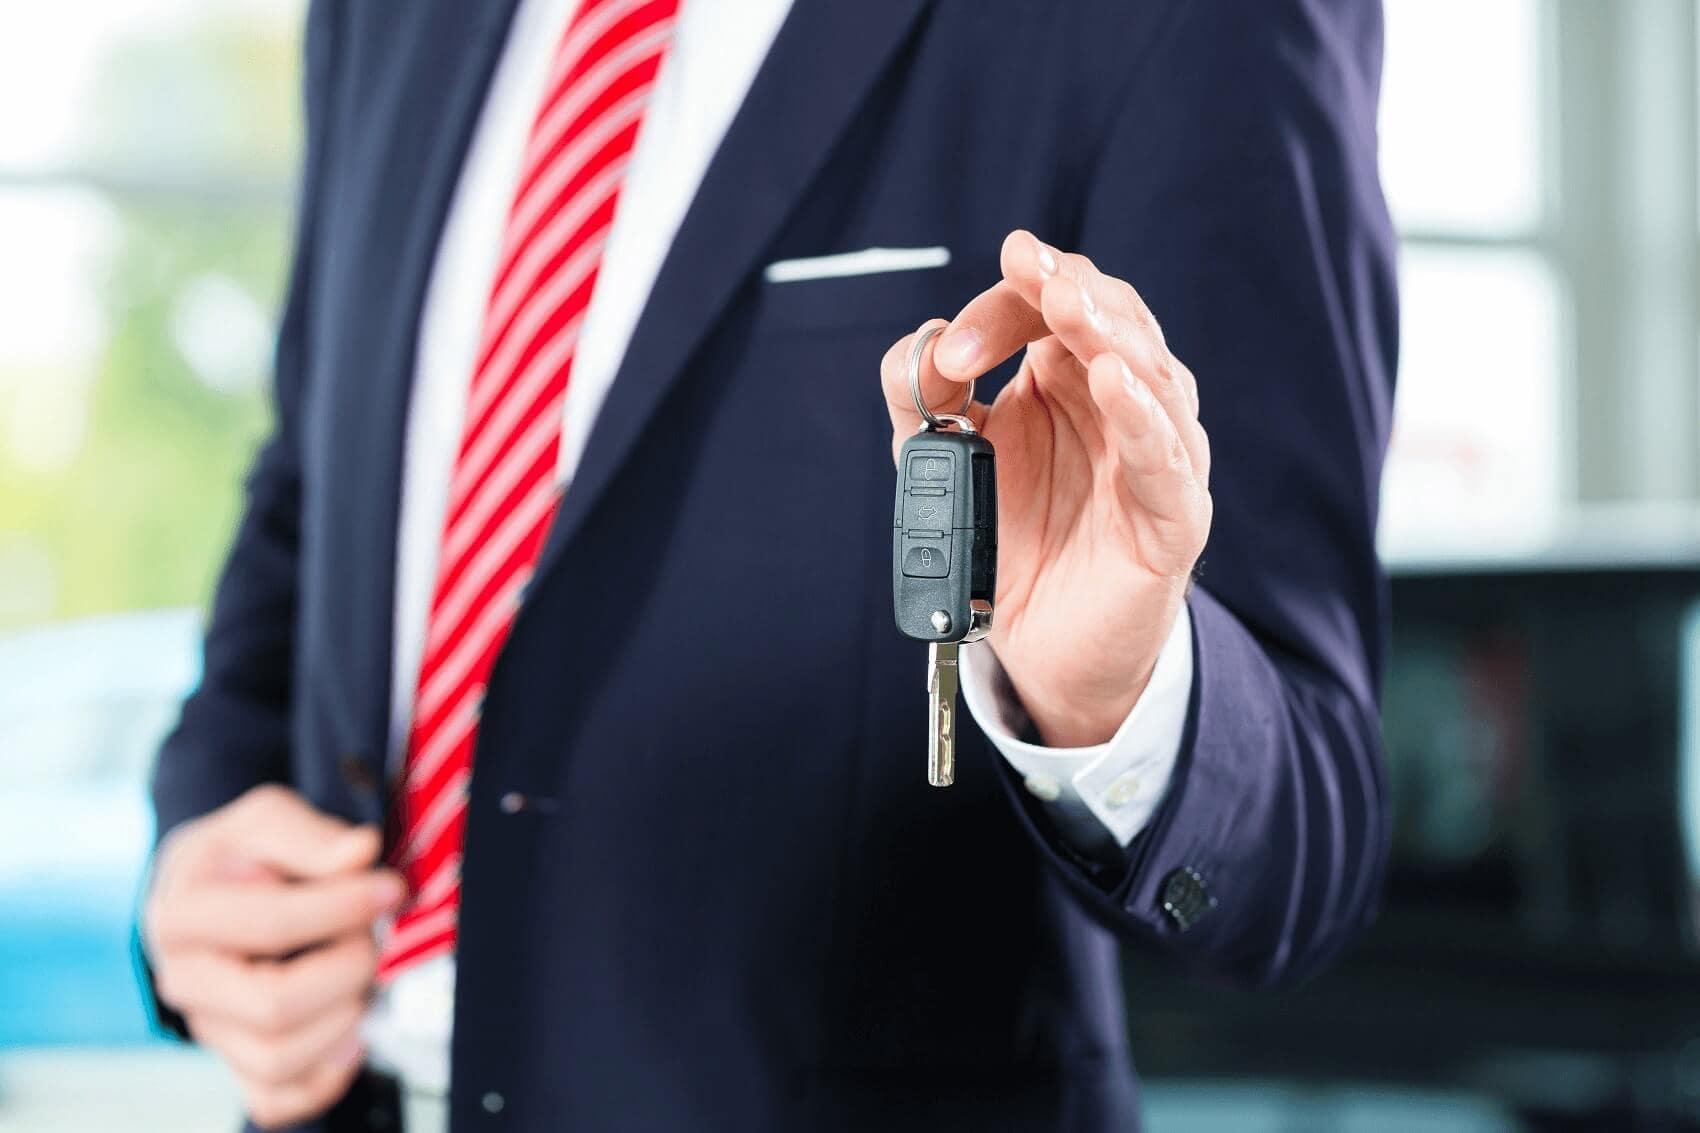 Holding Up Trucks Keys